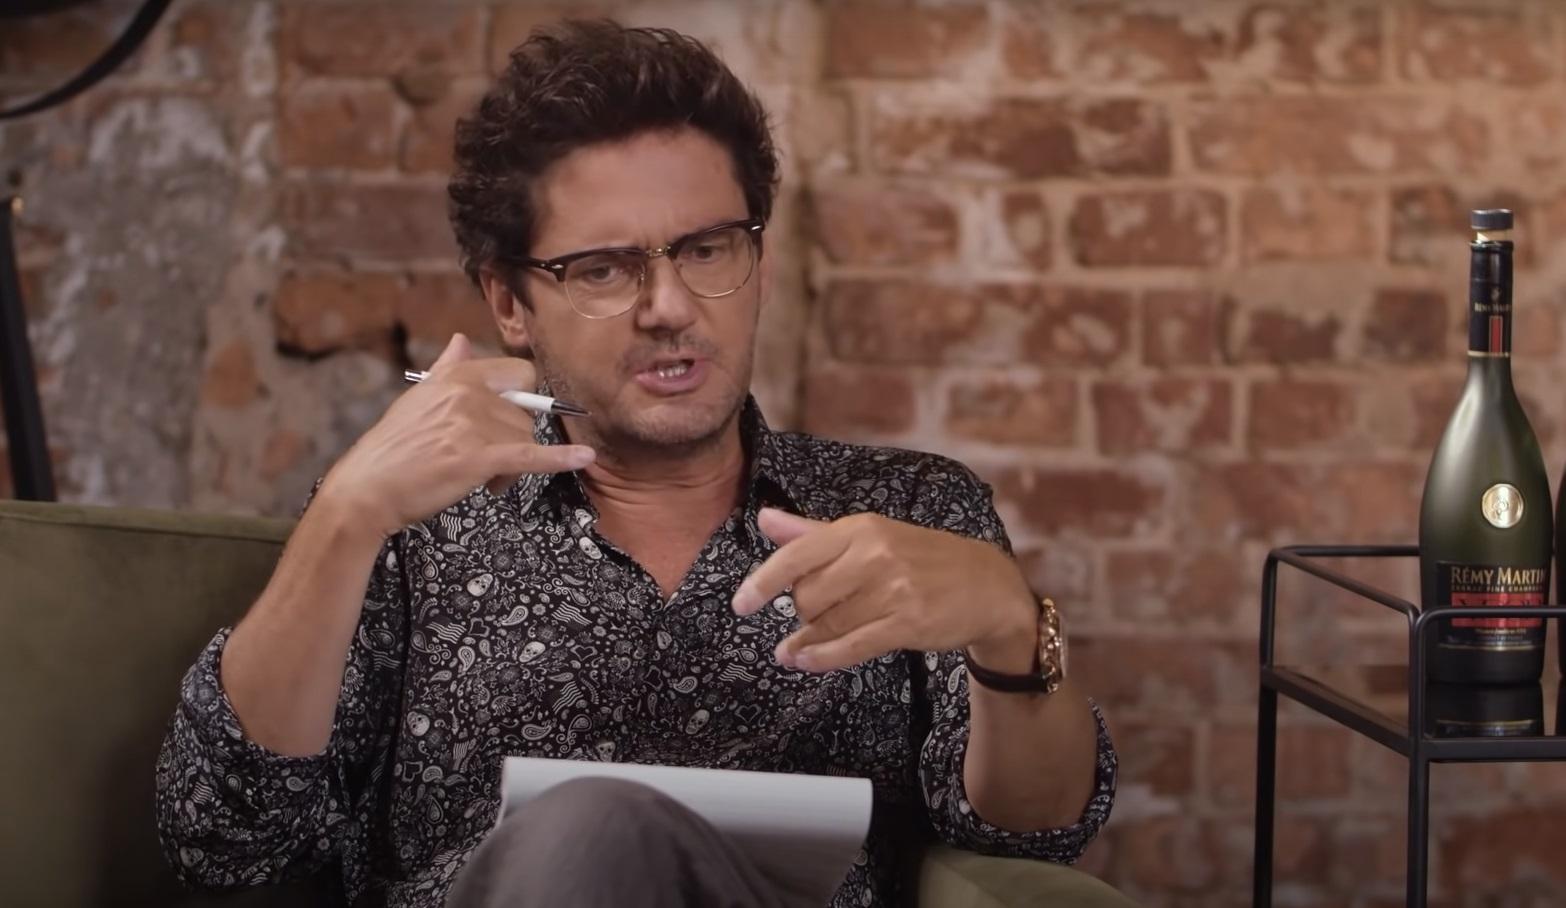 """Michał Piróg wywołał sensację gdy w wywiadzie dla """"Wprost"""" ujawnił, że Kuba Wojewódzki jest gejem. Jego słowa skrajnie zdenerwowały Króla TVN"""